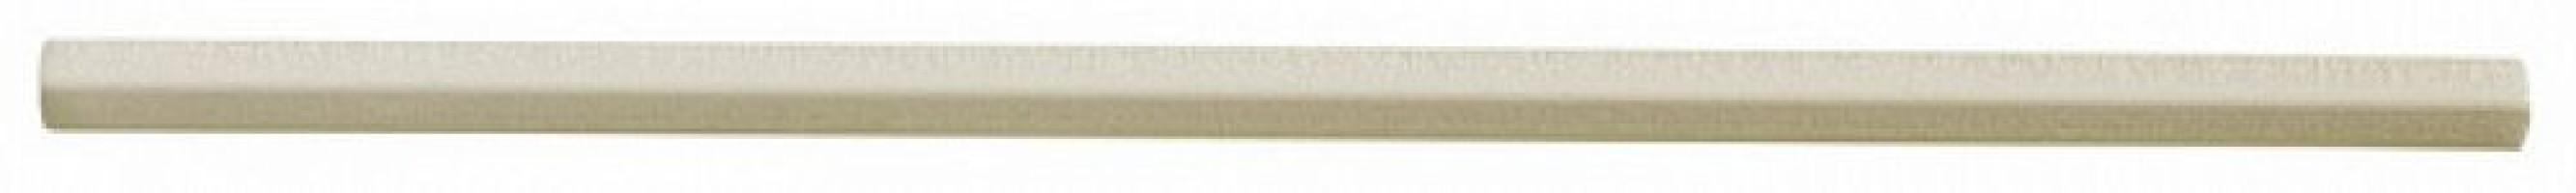 Бордюр Ocean ADOC5095 Bullnose Trim Sand Dollar 0.85x22.5 Adex